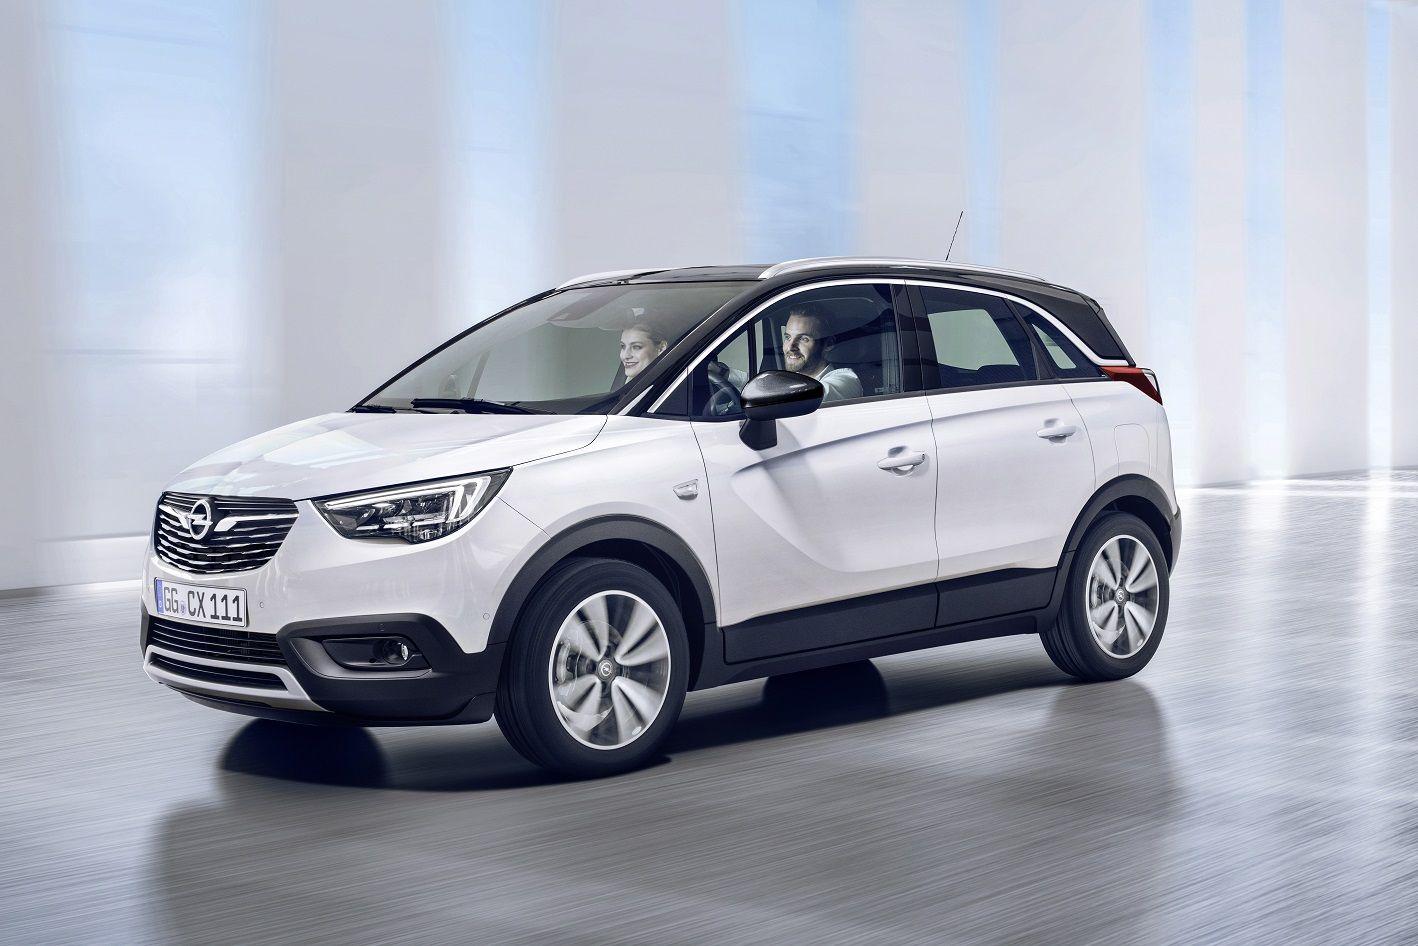 Ya tenemos las primeras imágenes del Nuevo Opel Crossland X